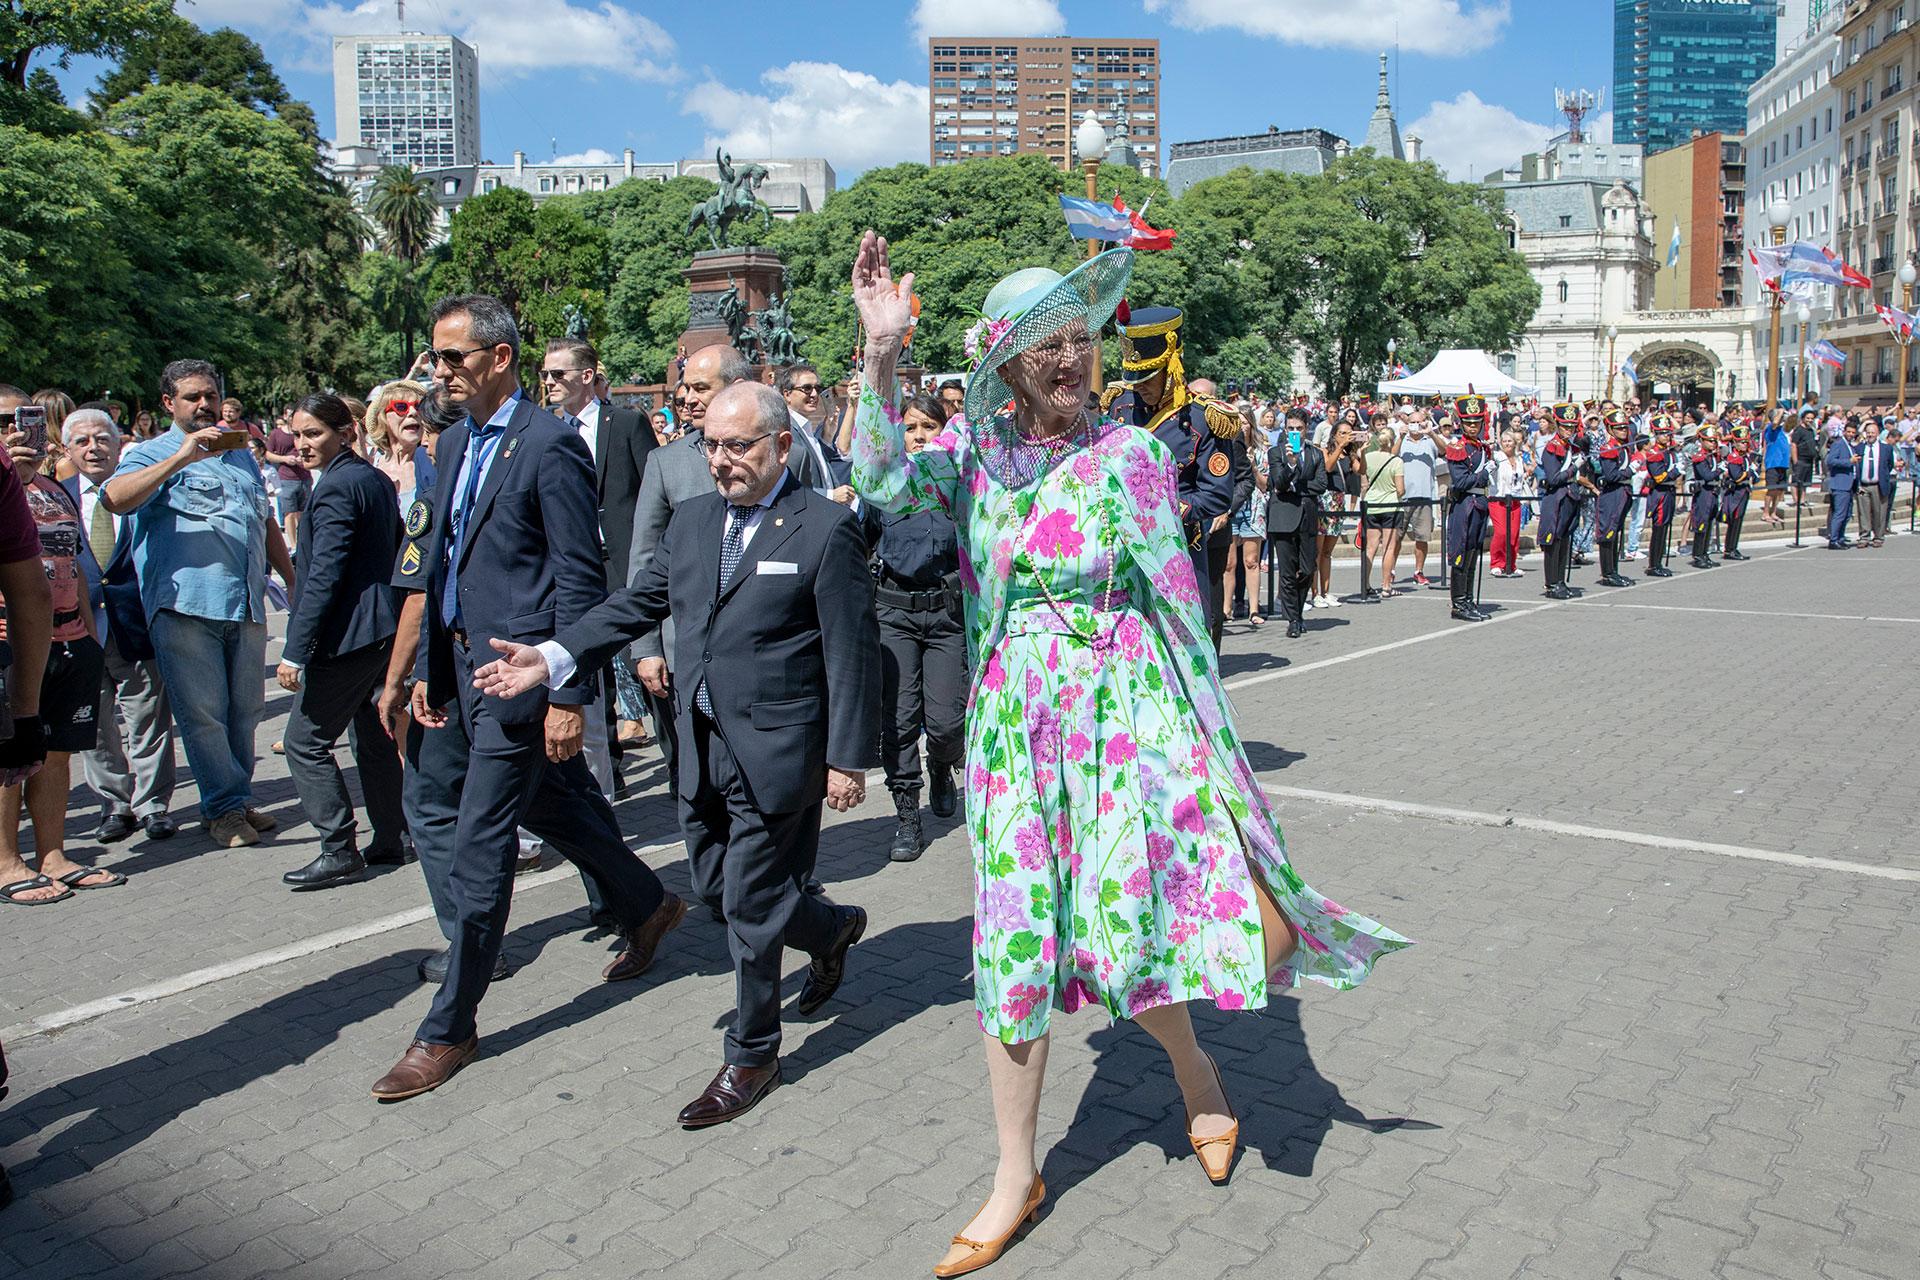 Después de 55 años, la reina de Dinamarca Margarita II regresó a la Argentina en el marco de una visita de Estado de tres días